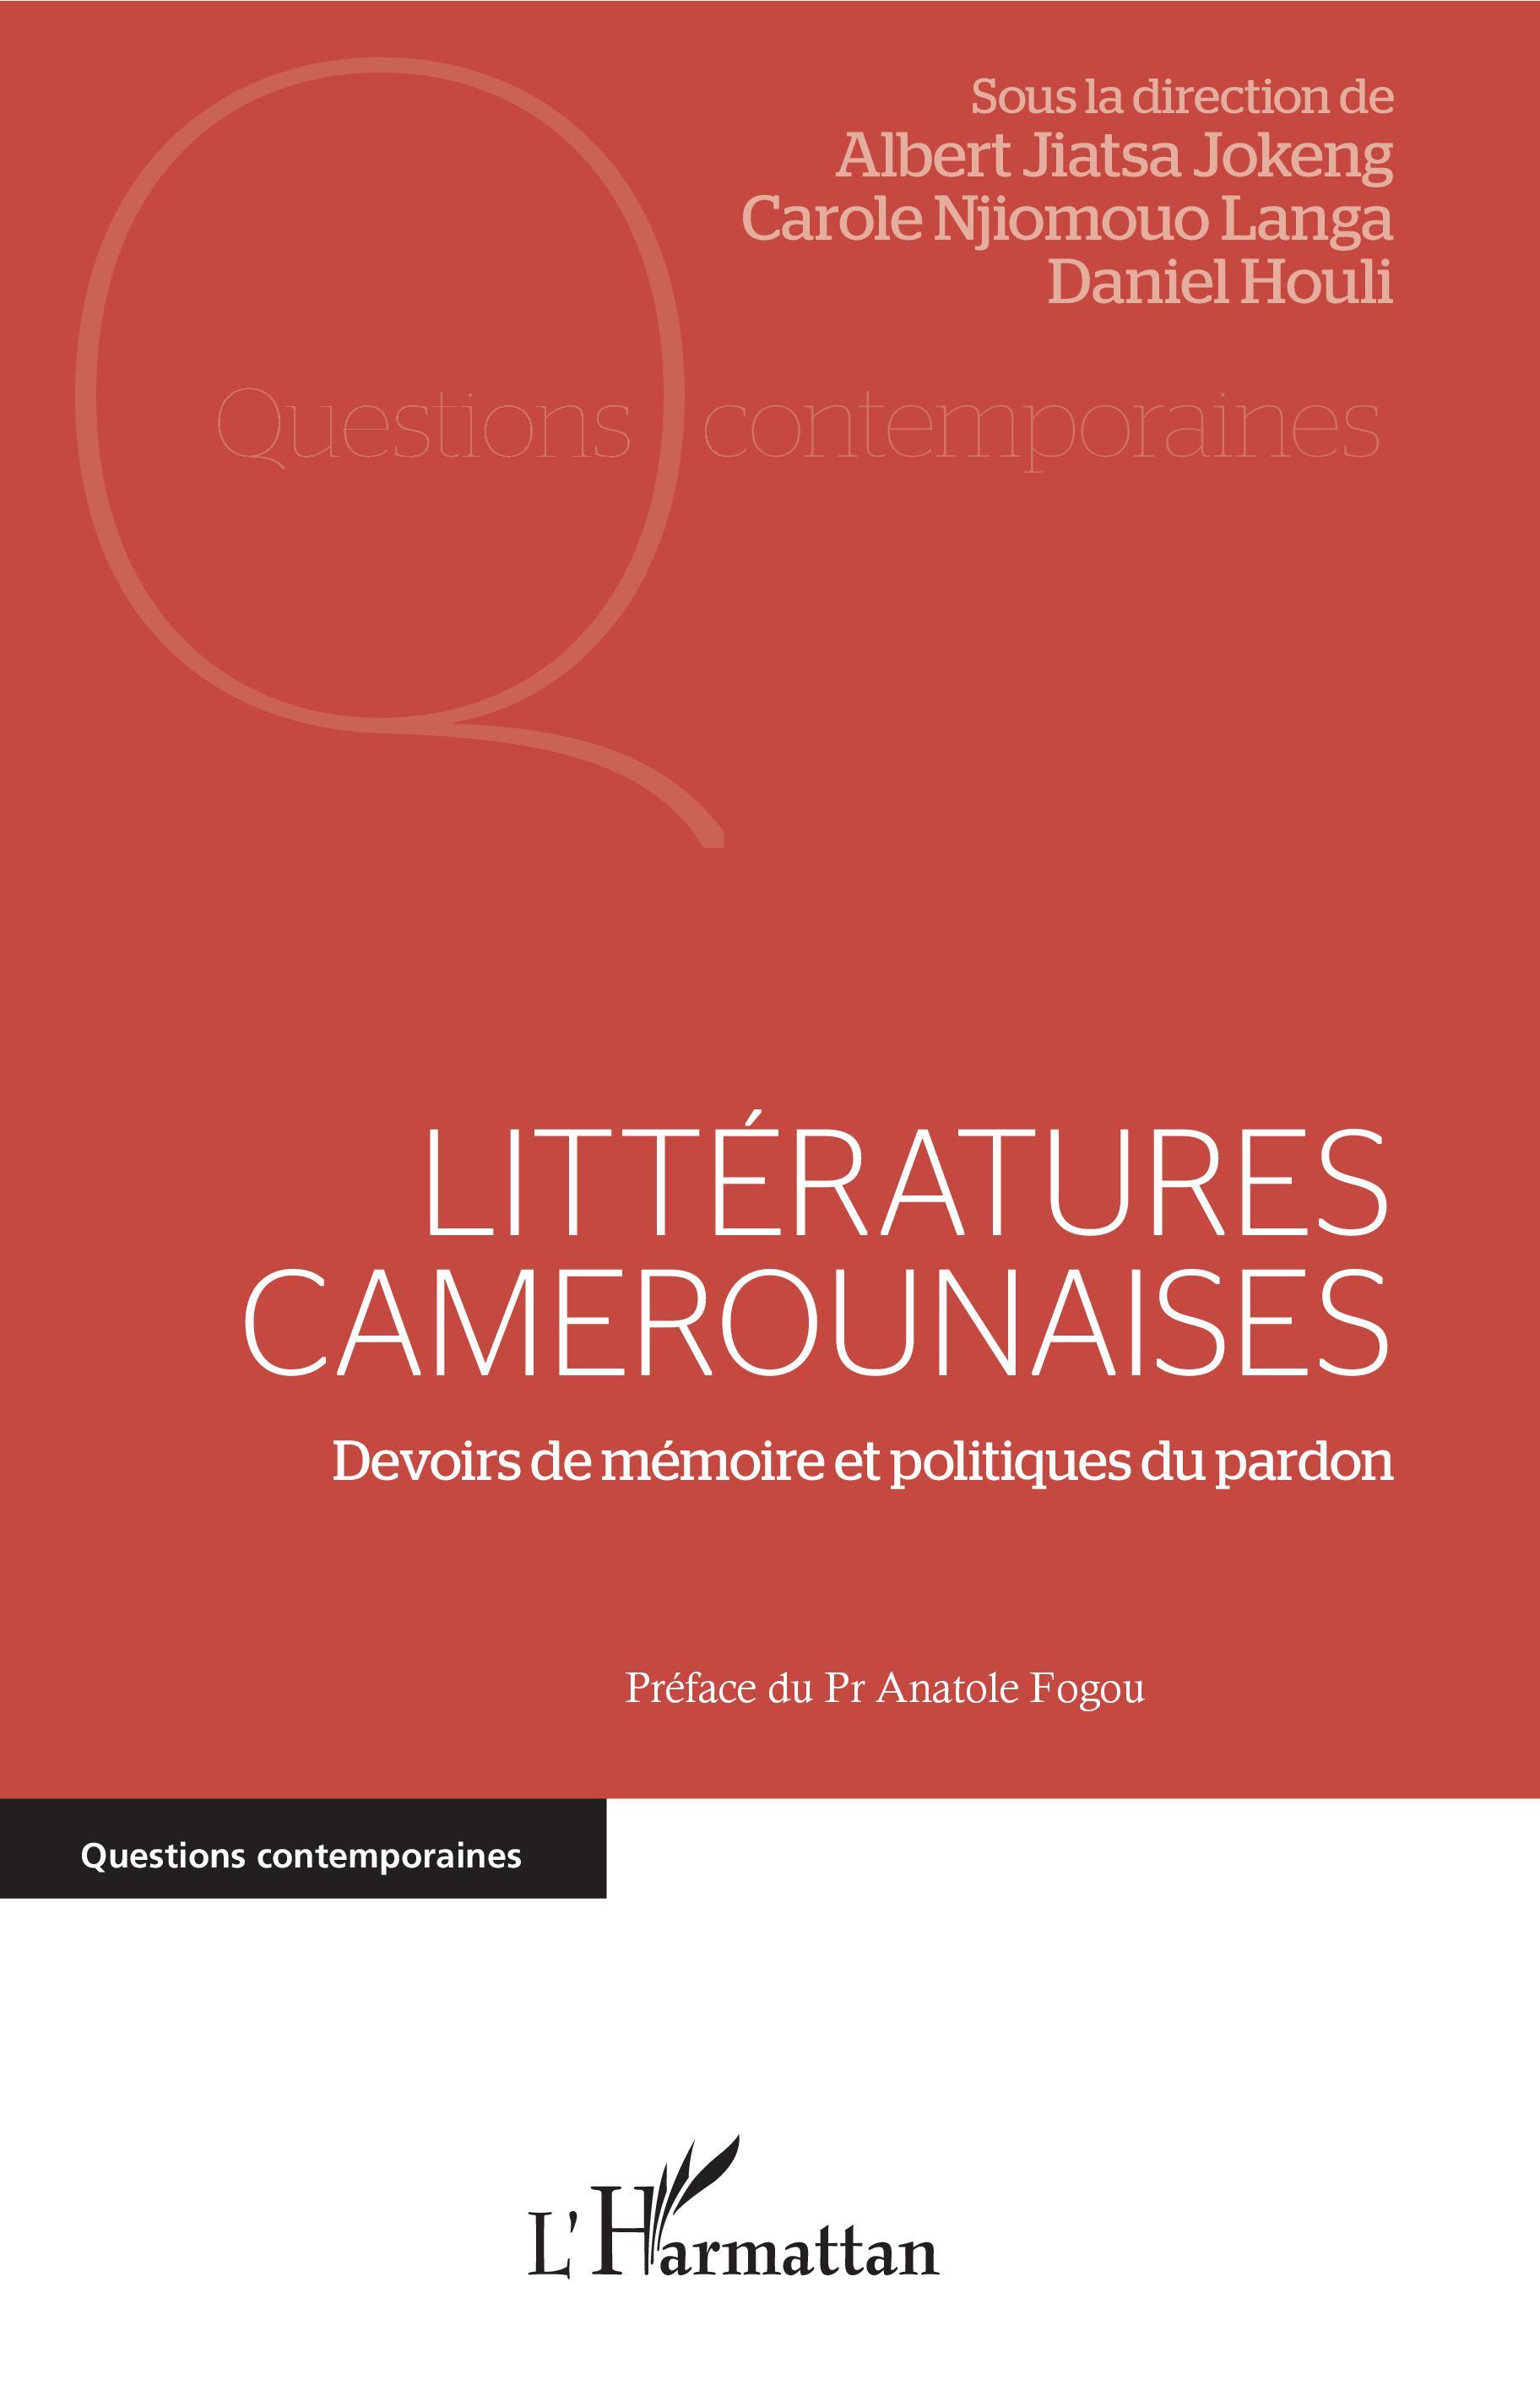 A. Jiatsa Jokeng, C. Njiomouo Langa, D. Houli (dir.), Littératures camerounaises. Devoirs de mémoire et politiques du pardon